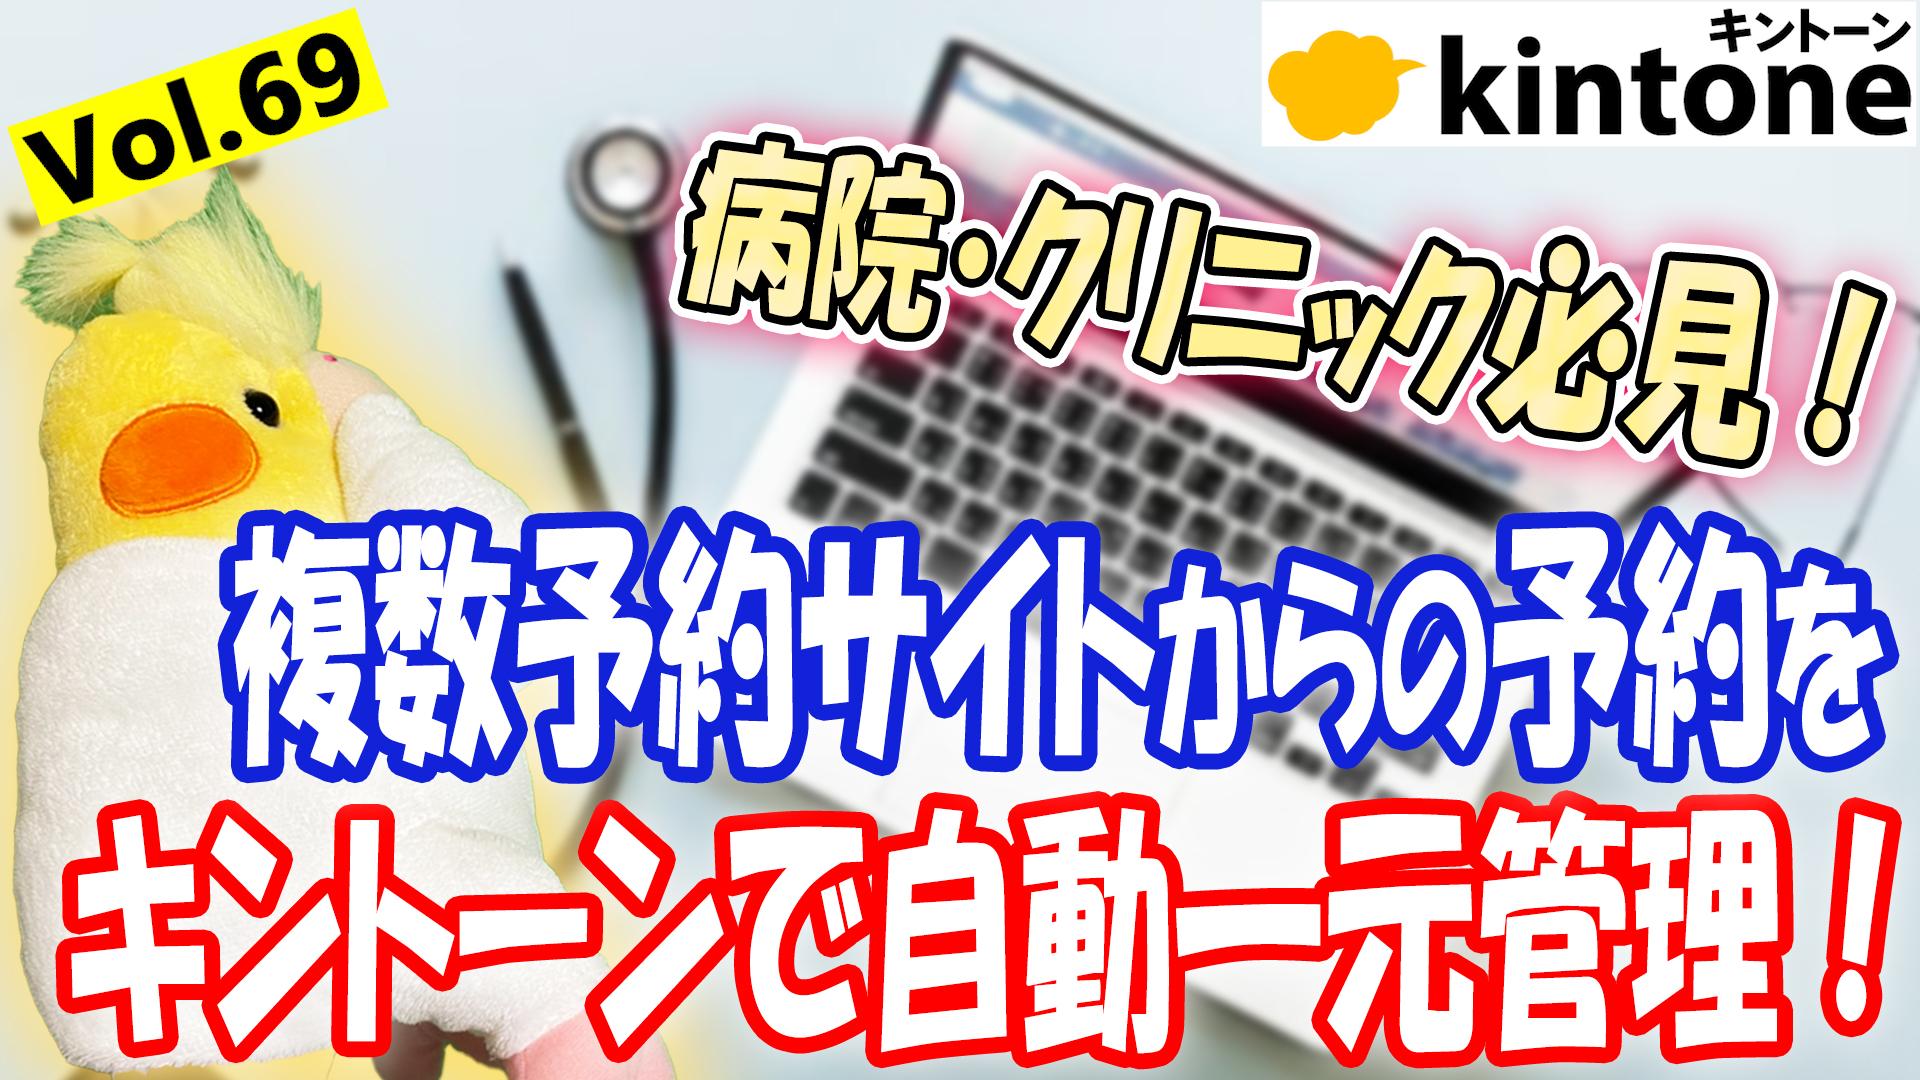 【kintoneへ自動登録】ポータルサイトからの予約をkintoneで一元化してみた【動画】